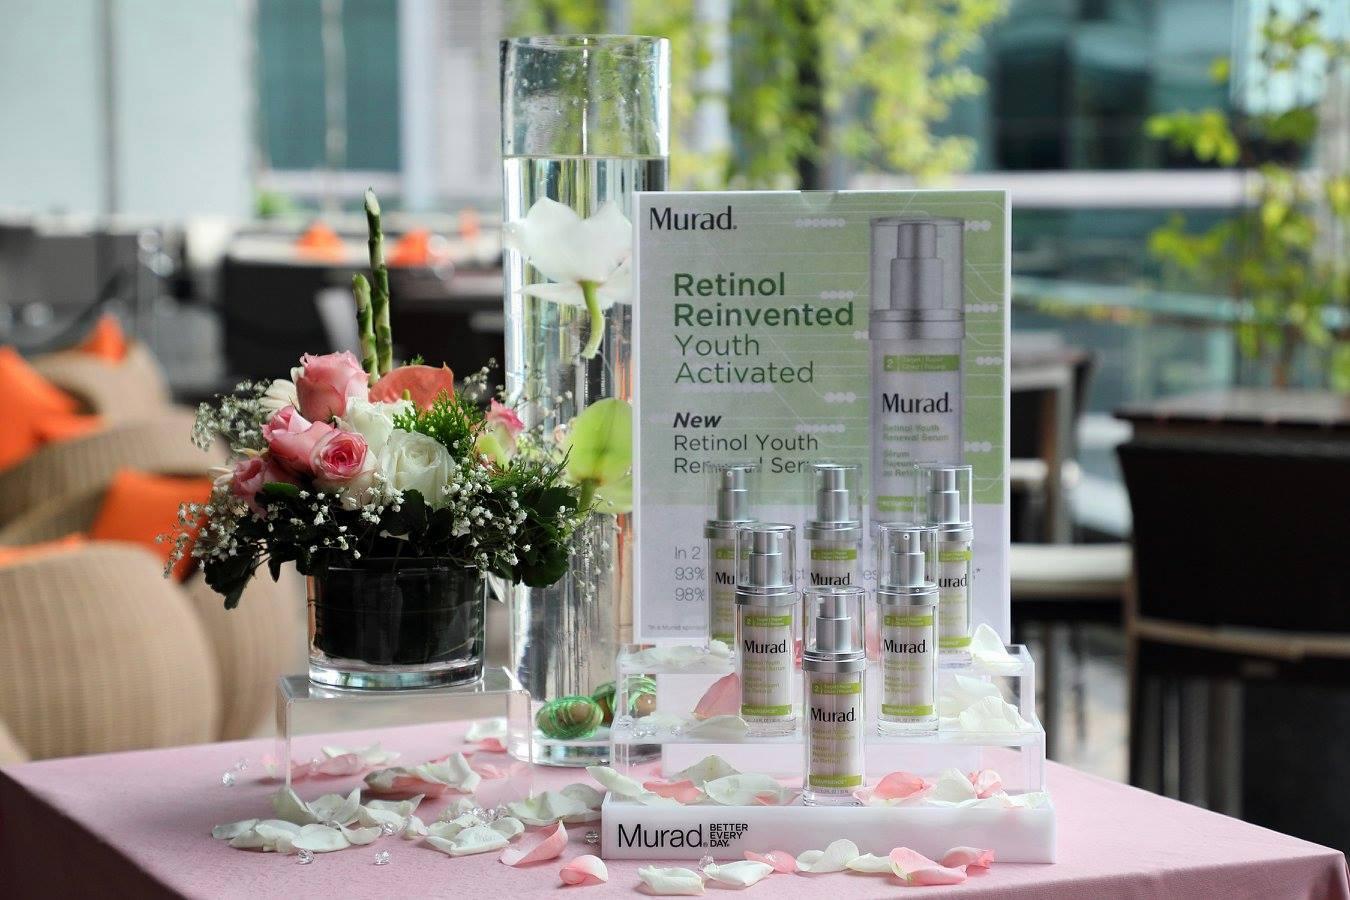 The Beauty Junkie - ranechin com: Murad® Retinol Youth